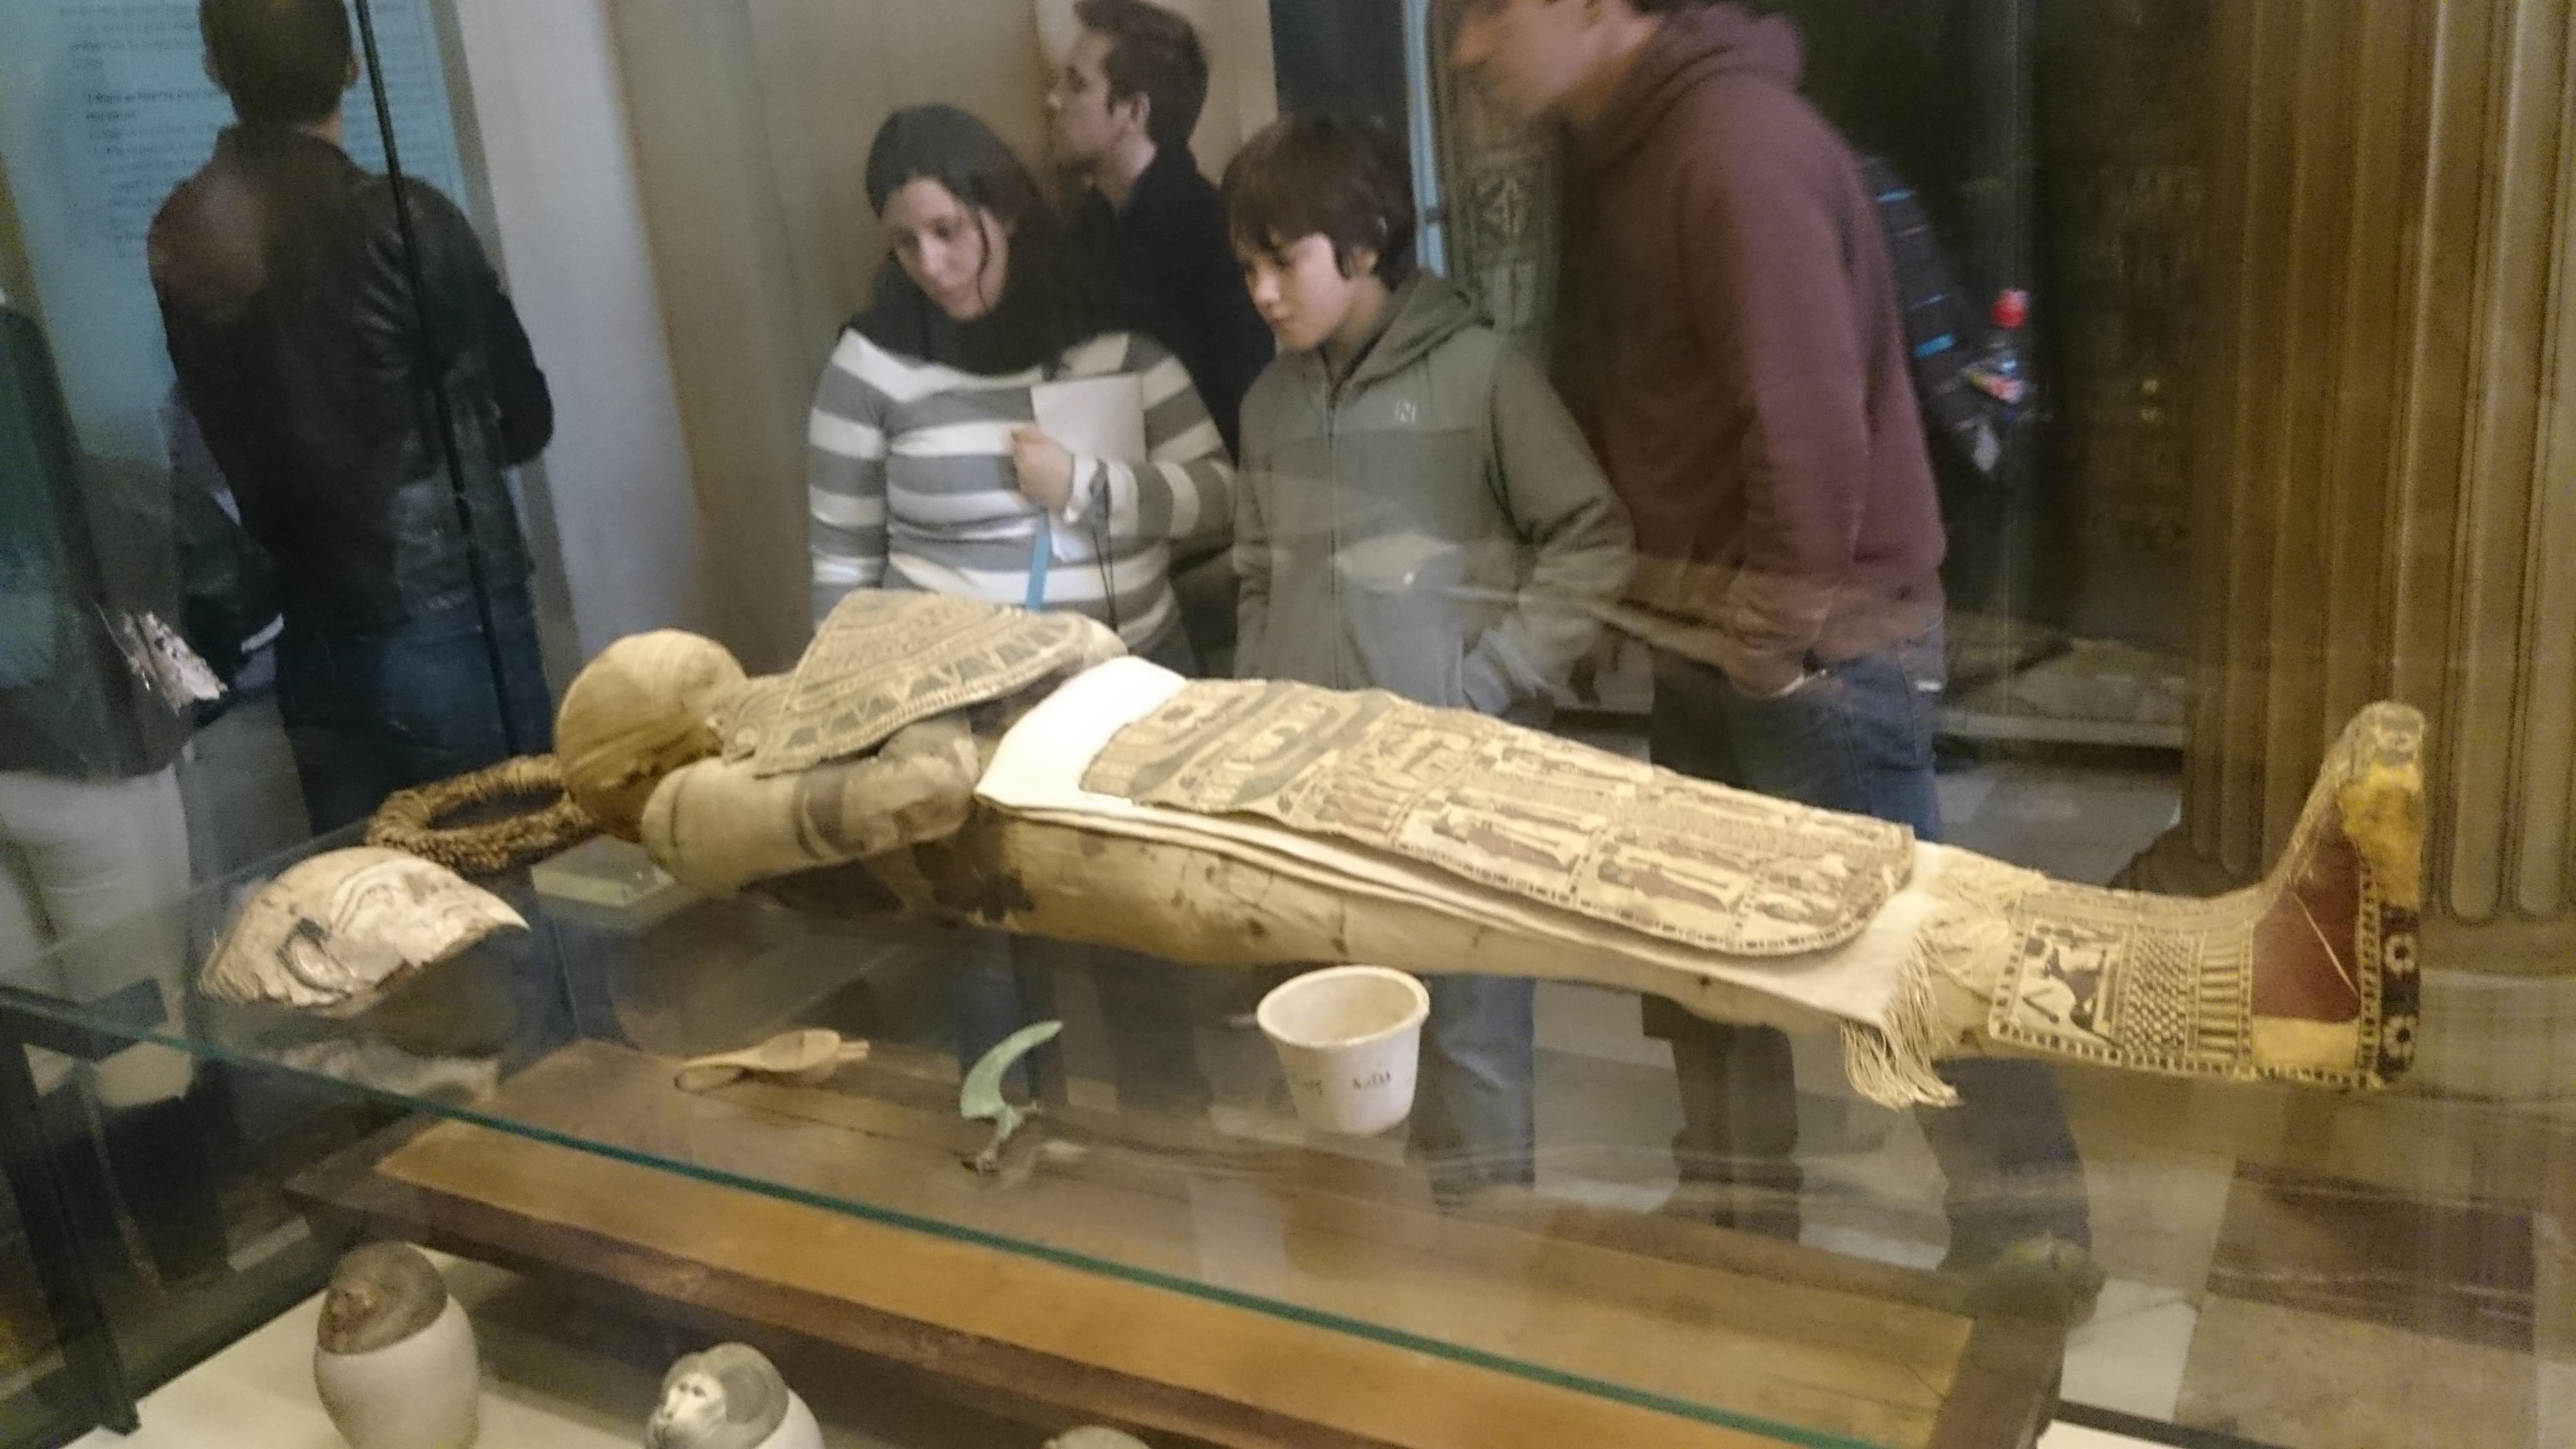 dsc 1580 - Consejos para visitar el Museo Louvre (y otros museos)